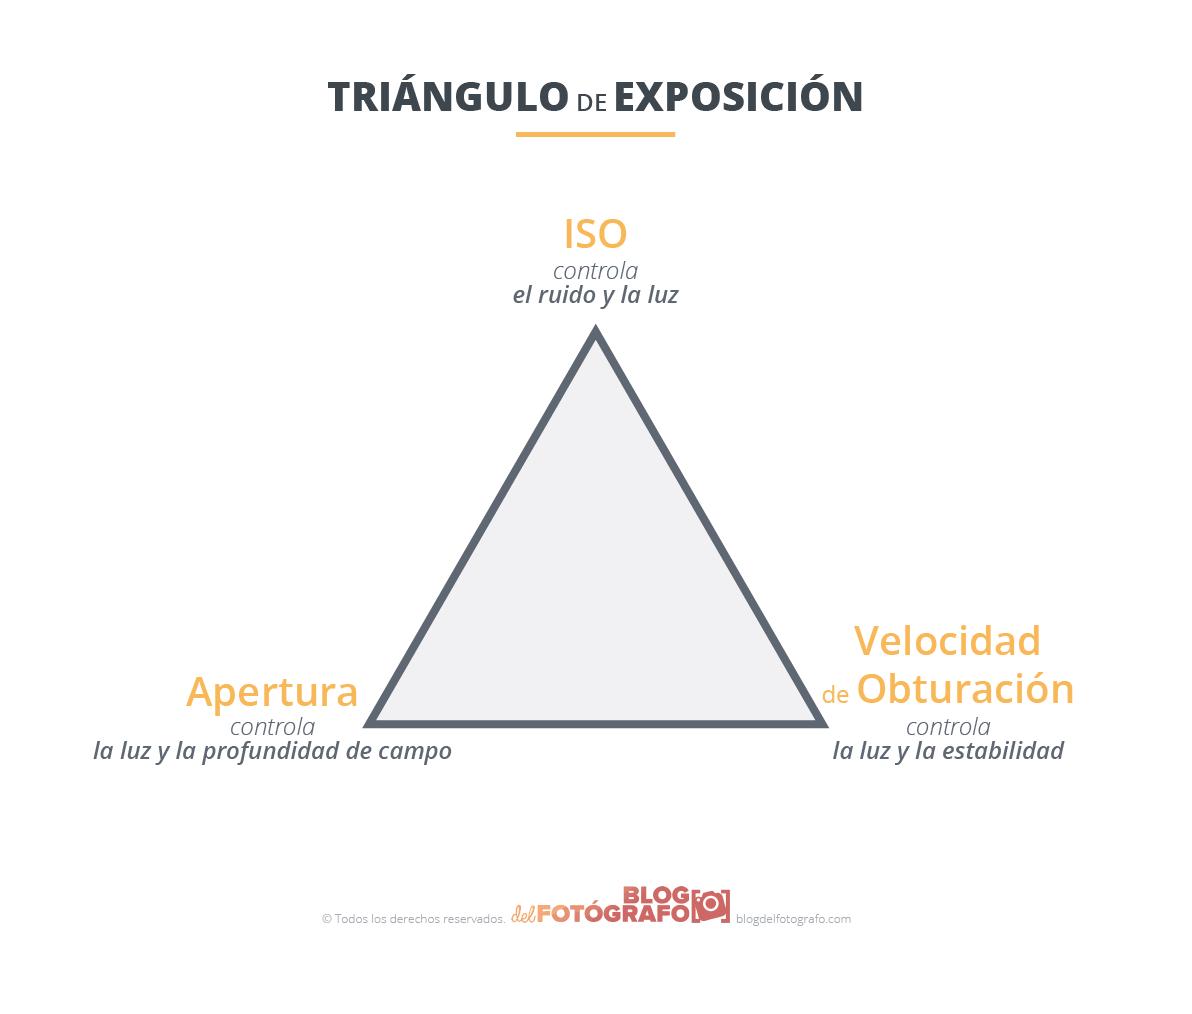 gráfico triángulo exposición